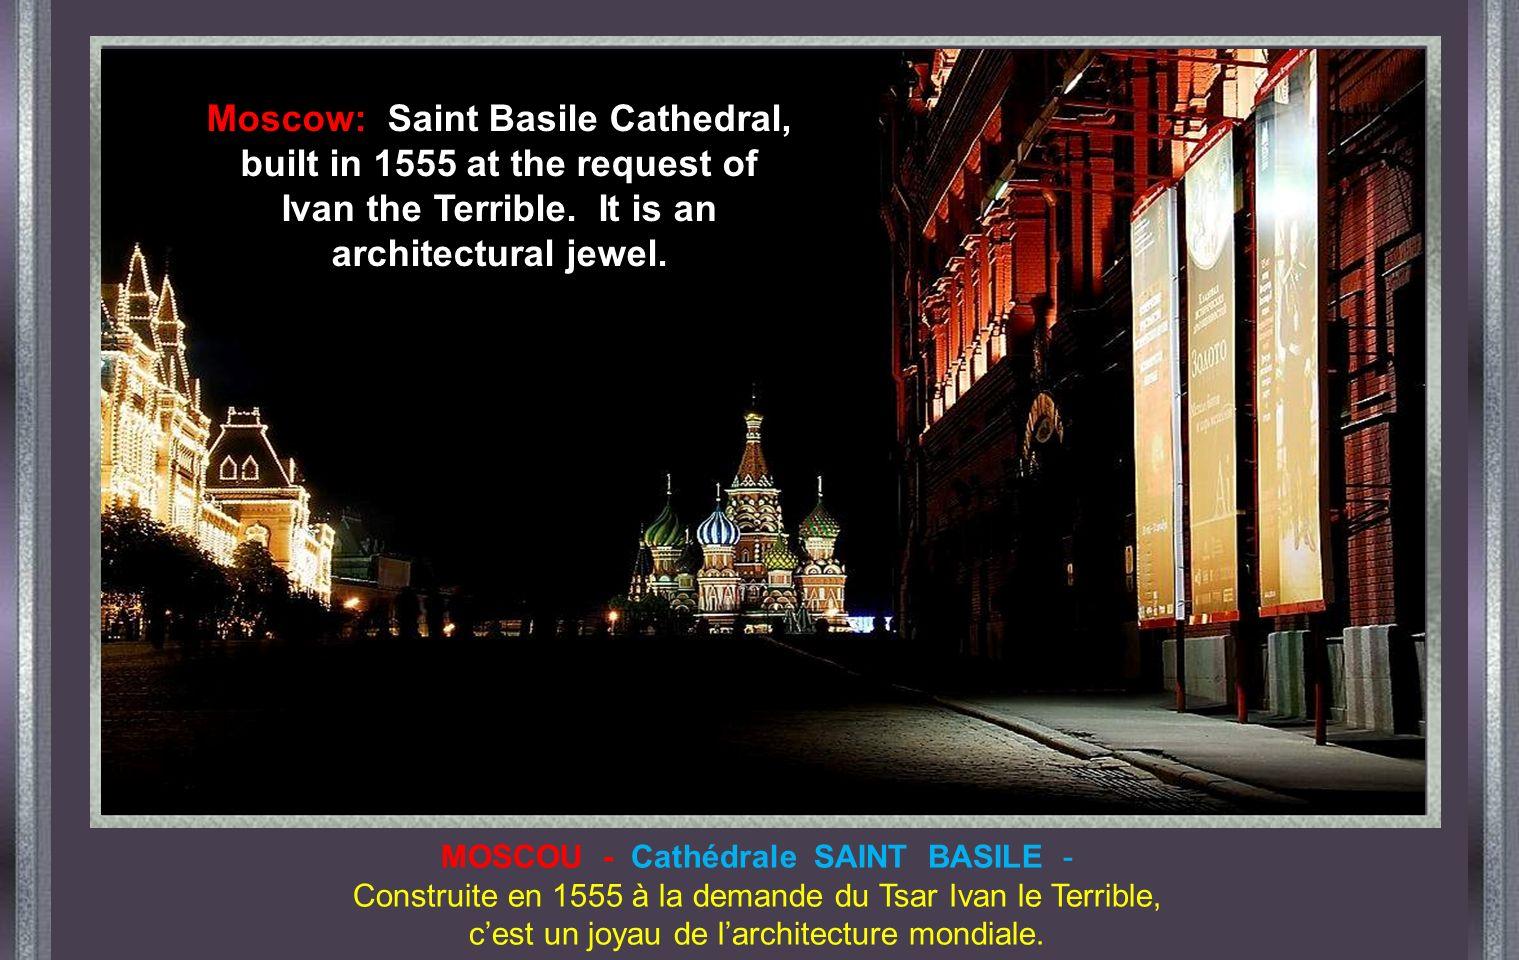 Beaucoup dautres églises, dans les pays qui furent concernés par les invasions, ou durant la seconde guerre mondiale, furent sauvées des destructions, pillages et dégradations.